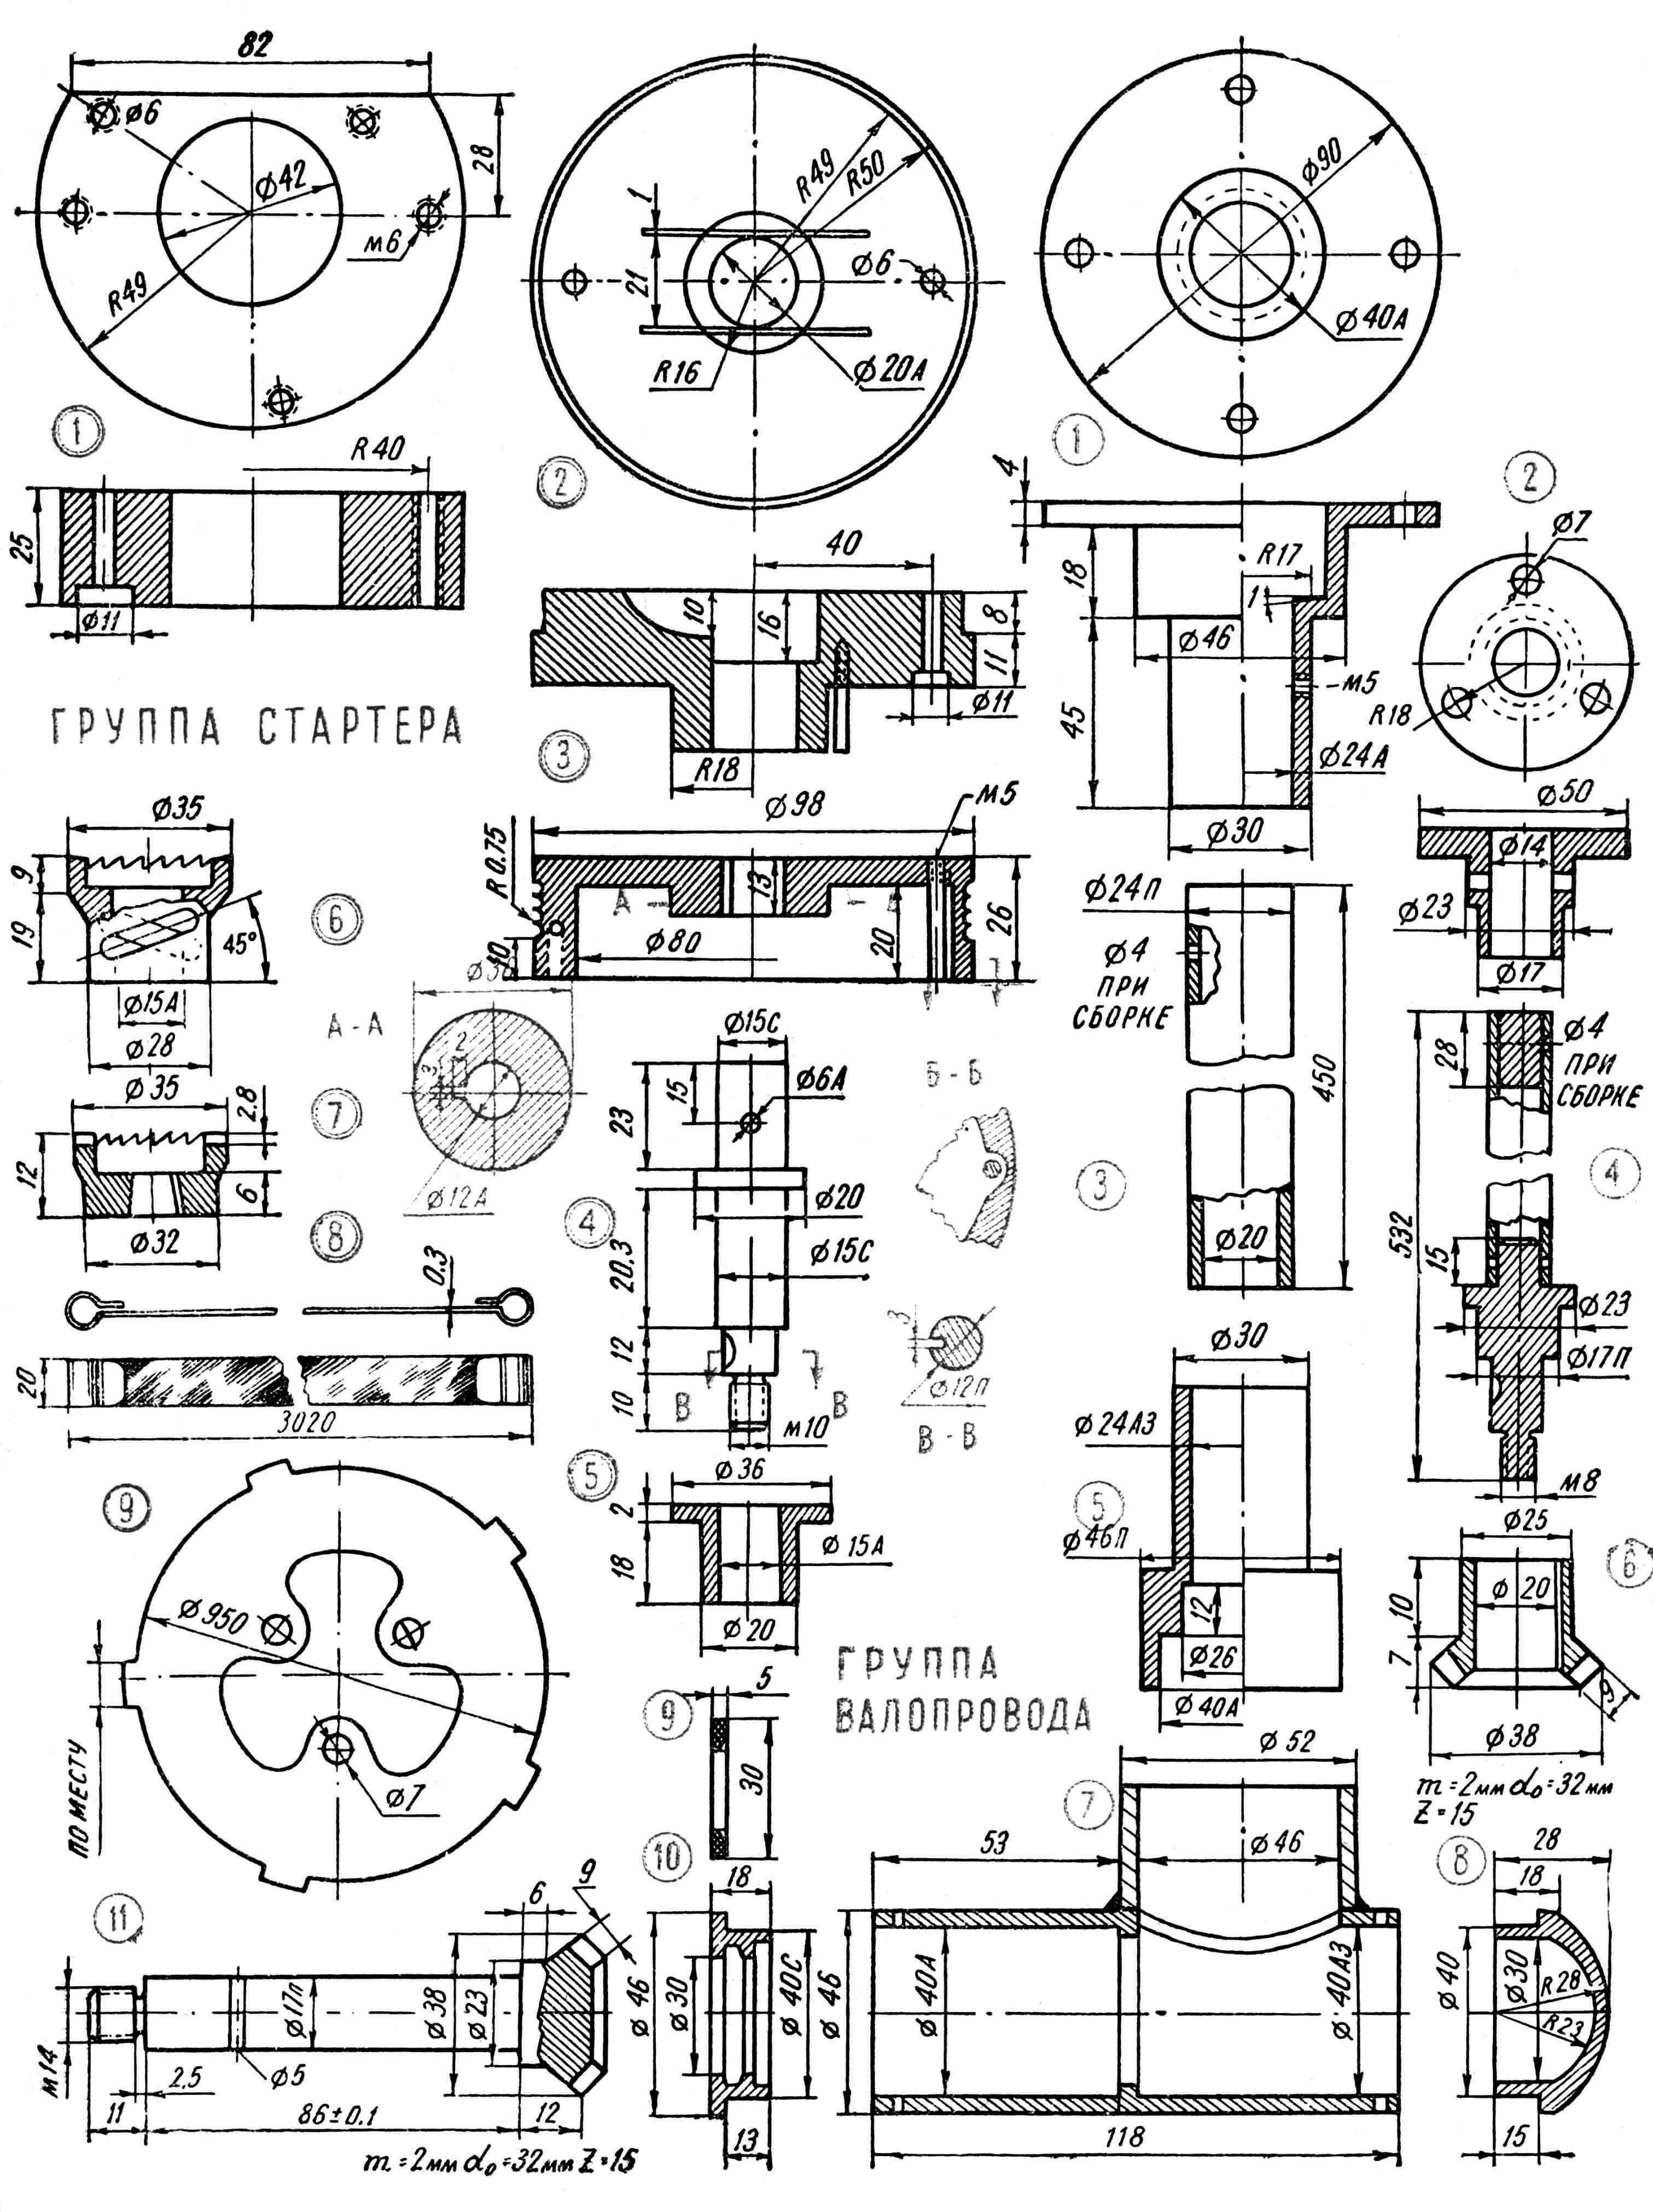 Рис. 2. Детали подвесного лодочного мотора. Группа стартера: 1 - подкладка, материал — АМЦ, 2— корпус стартера, Д16-Т, 3 — барабан троса, Д16-Т, 4 — валик барабана троса, сталь 45, 5 — вкладыш-подшипник, бронза, 6 — ведущий храповик, сталь 45, 7 — ведомый храповик, сталь 45, 8 — пружина стартера, 9 — диск ведомый, сталь 45. Группа валопровода: 1 — корпус верхнего подшипника, сталь 3, 2 — ведомый фланец, сталь 45, 3 — наружная труба (дейдвуд), сталь 3, 4 — вертикальный вал (рессора), сталь 20, 5 — корпус нижнего подшипника, сталь 3, 6 — ведущая шестерня, 7 — корпус редуктора, сталь 3, 8 — заглушка (обтекатель) редуктора, Д16-Т, 9 - сальник (манжет) маслостойкий, 10 — задняя заглушка корпуса редуктора, АМЦ, 11 — ведомая шестерня с валом винта, сталь 45.